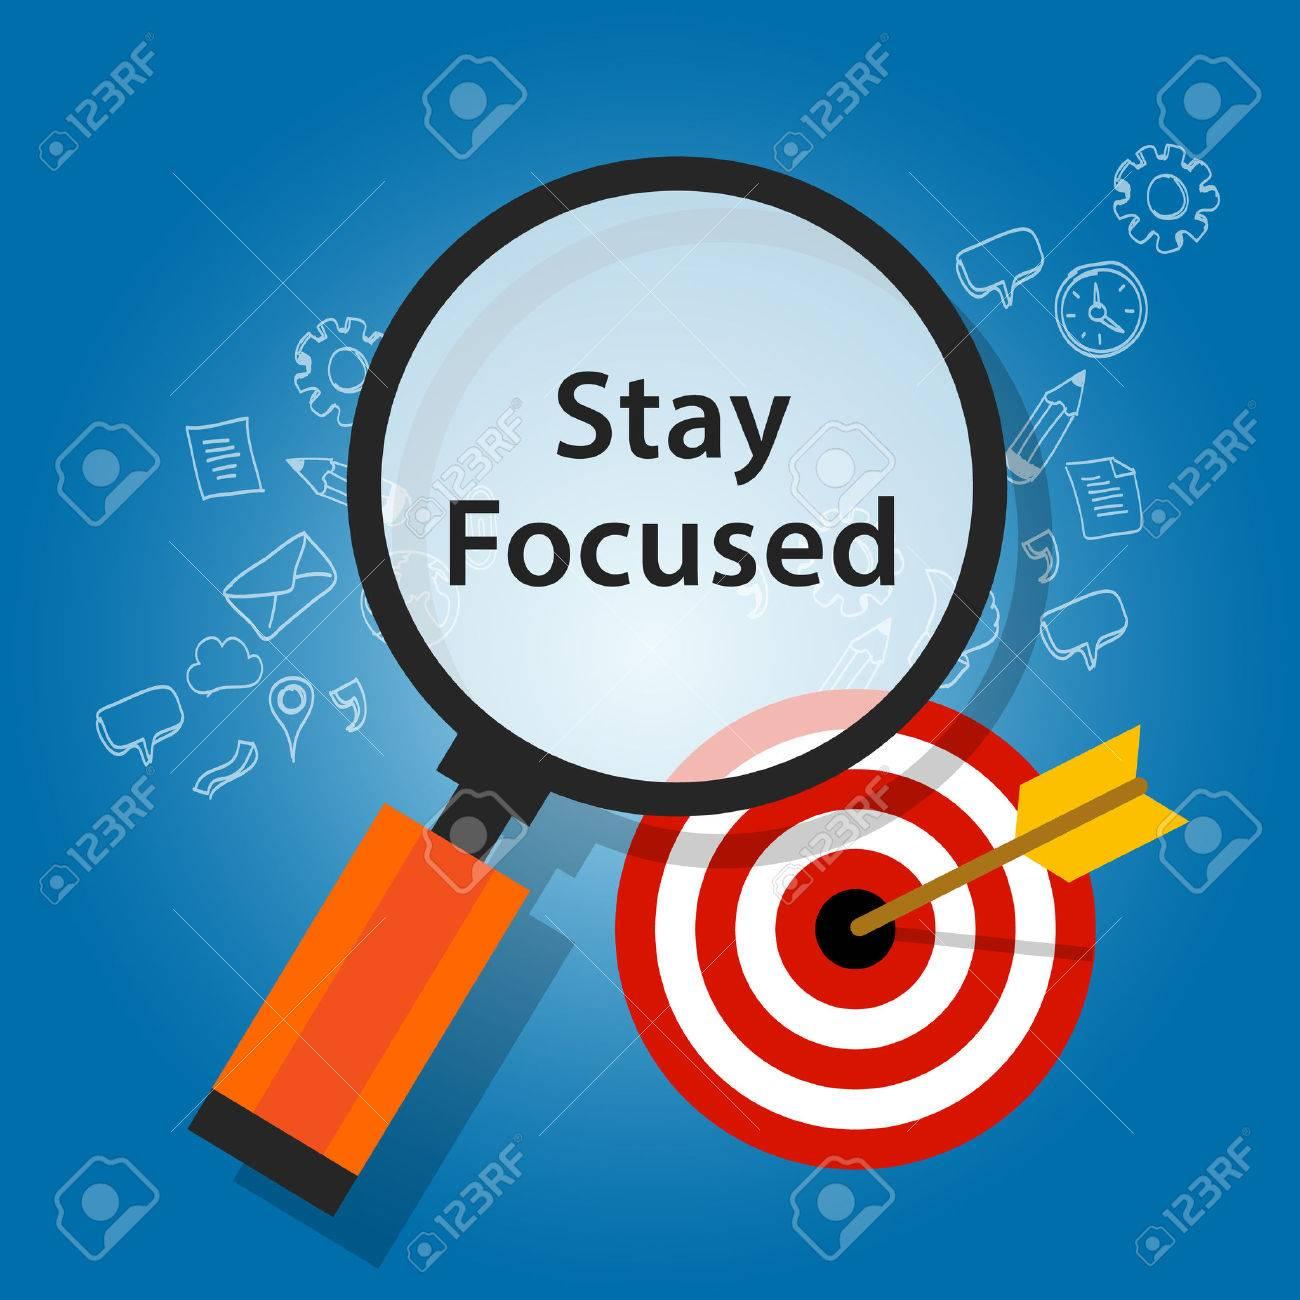 stay focused on target reminder goals flat illustration - 53761741